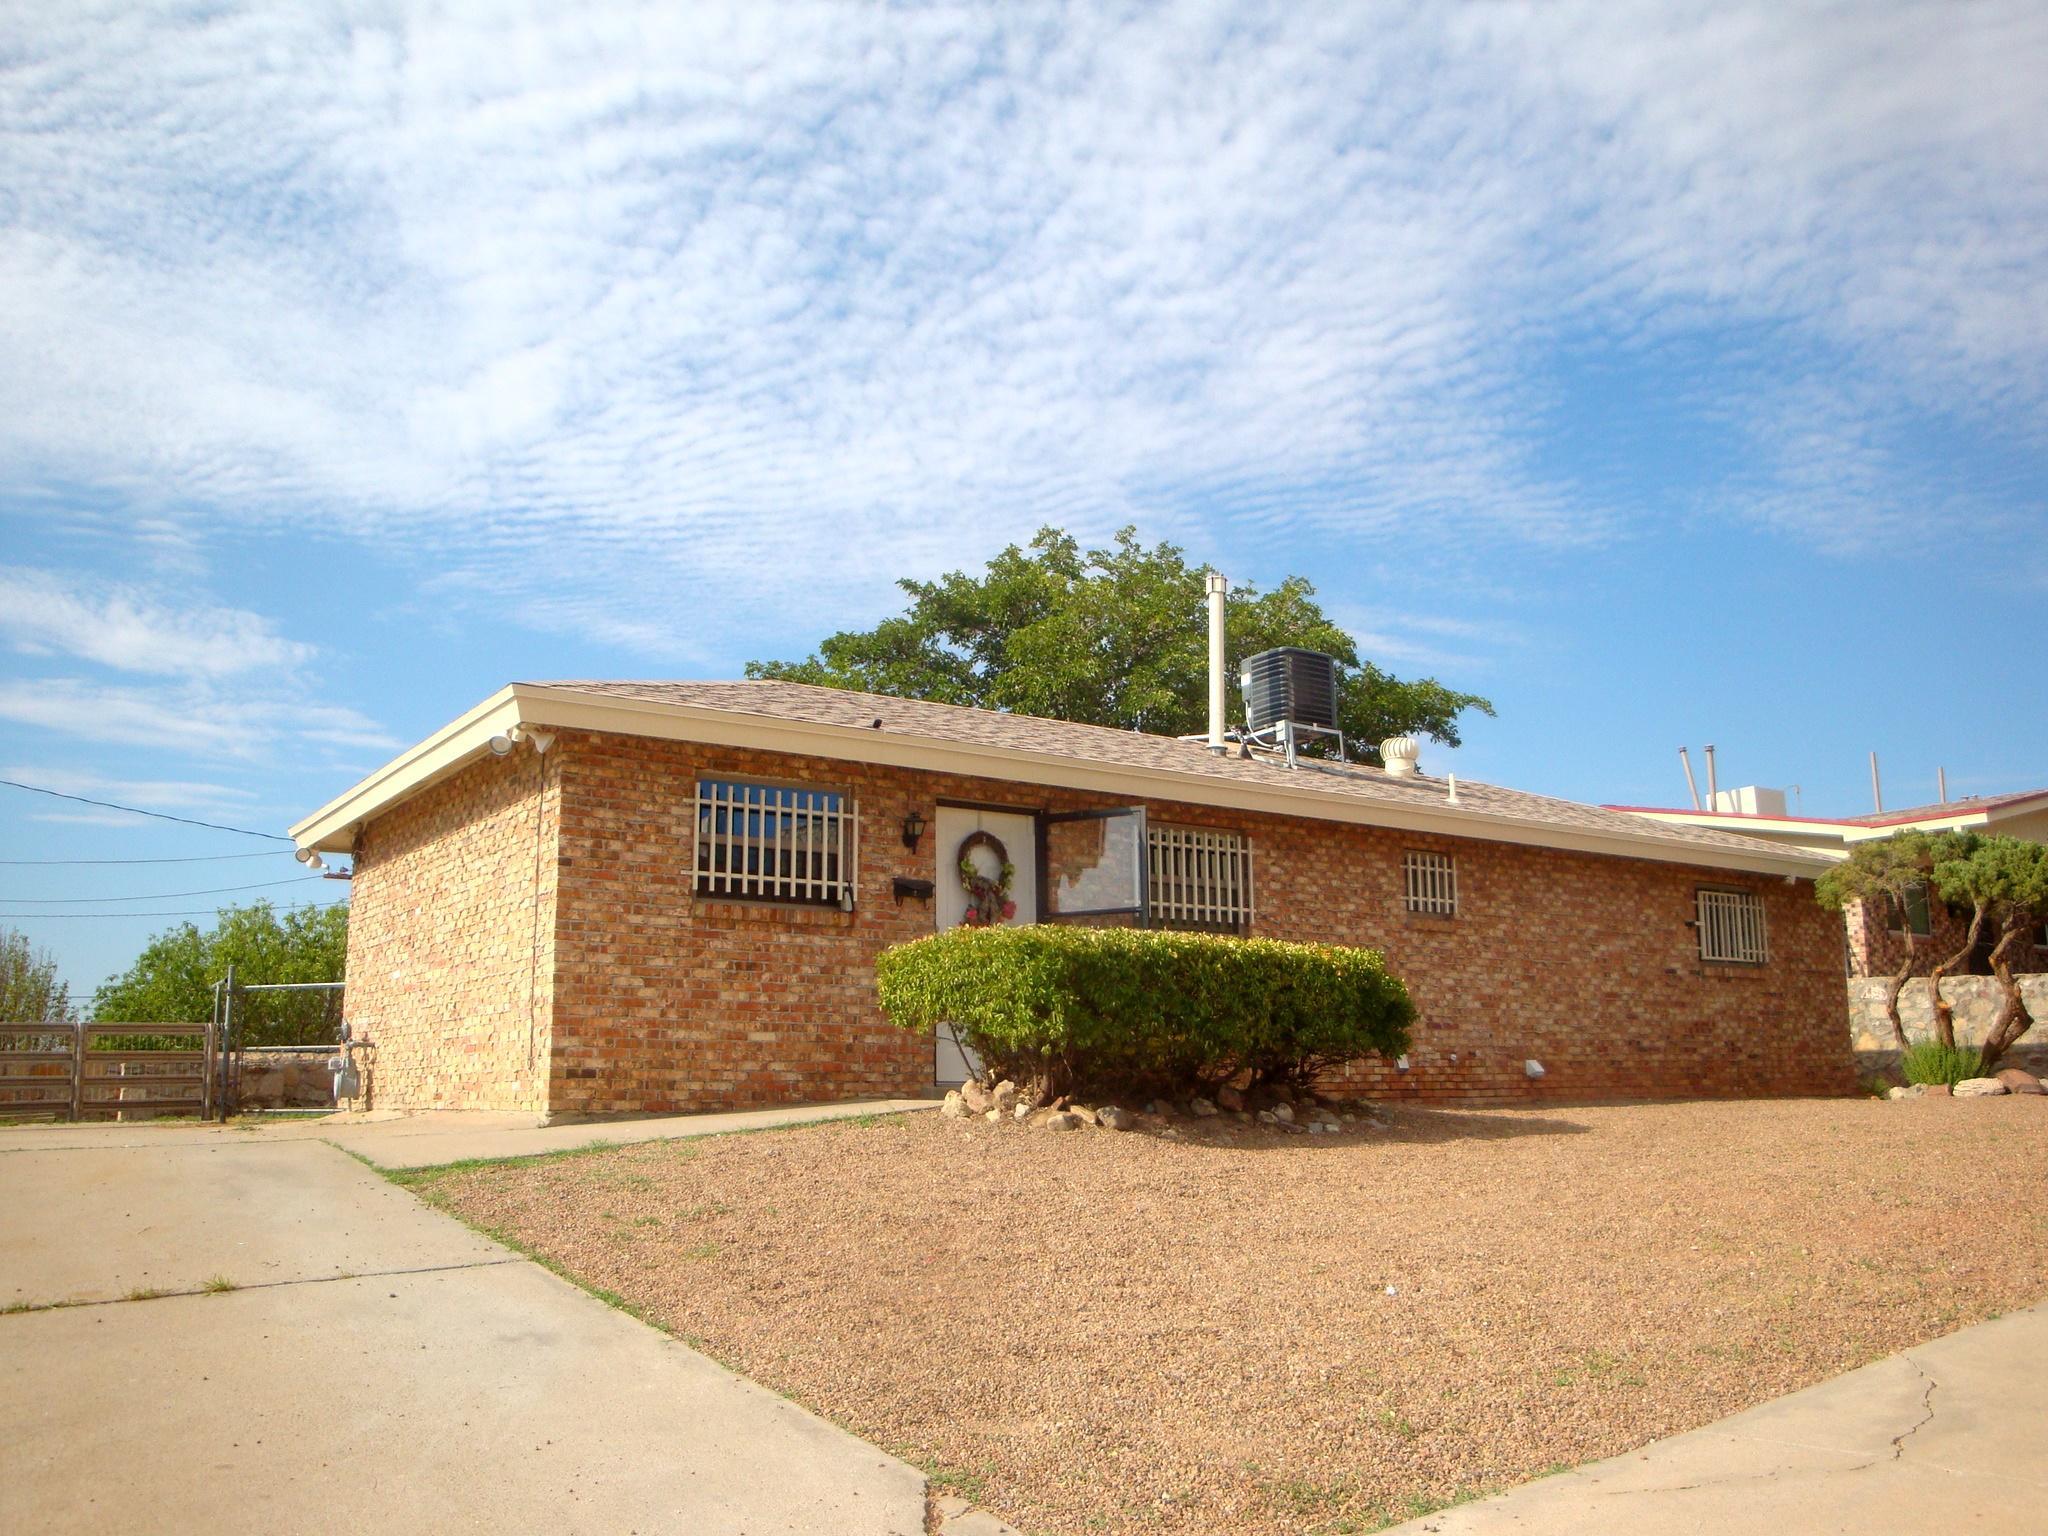 3718 MOONLIGHT, El Paso, Texas 79904, 2 Bedrooms Bedrooms, ,1 BathroomBathrooms,Residential,For sale,MOONLIGHT,814821